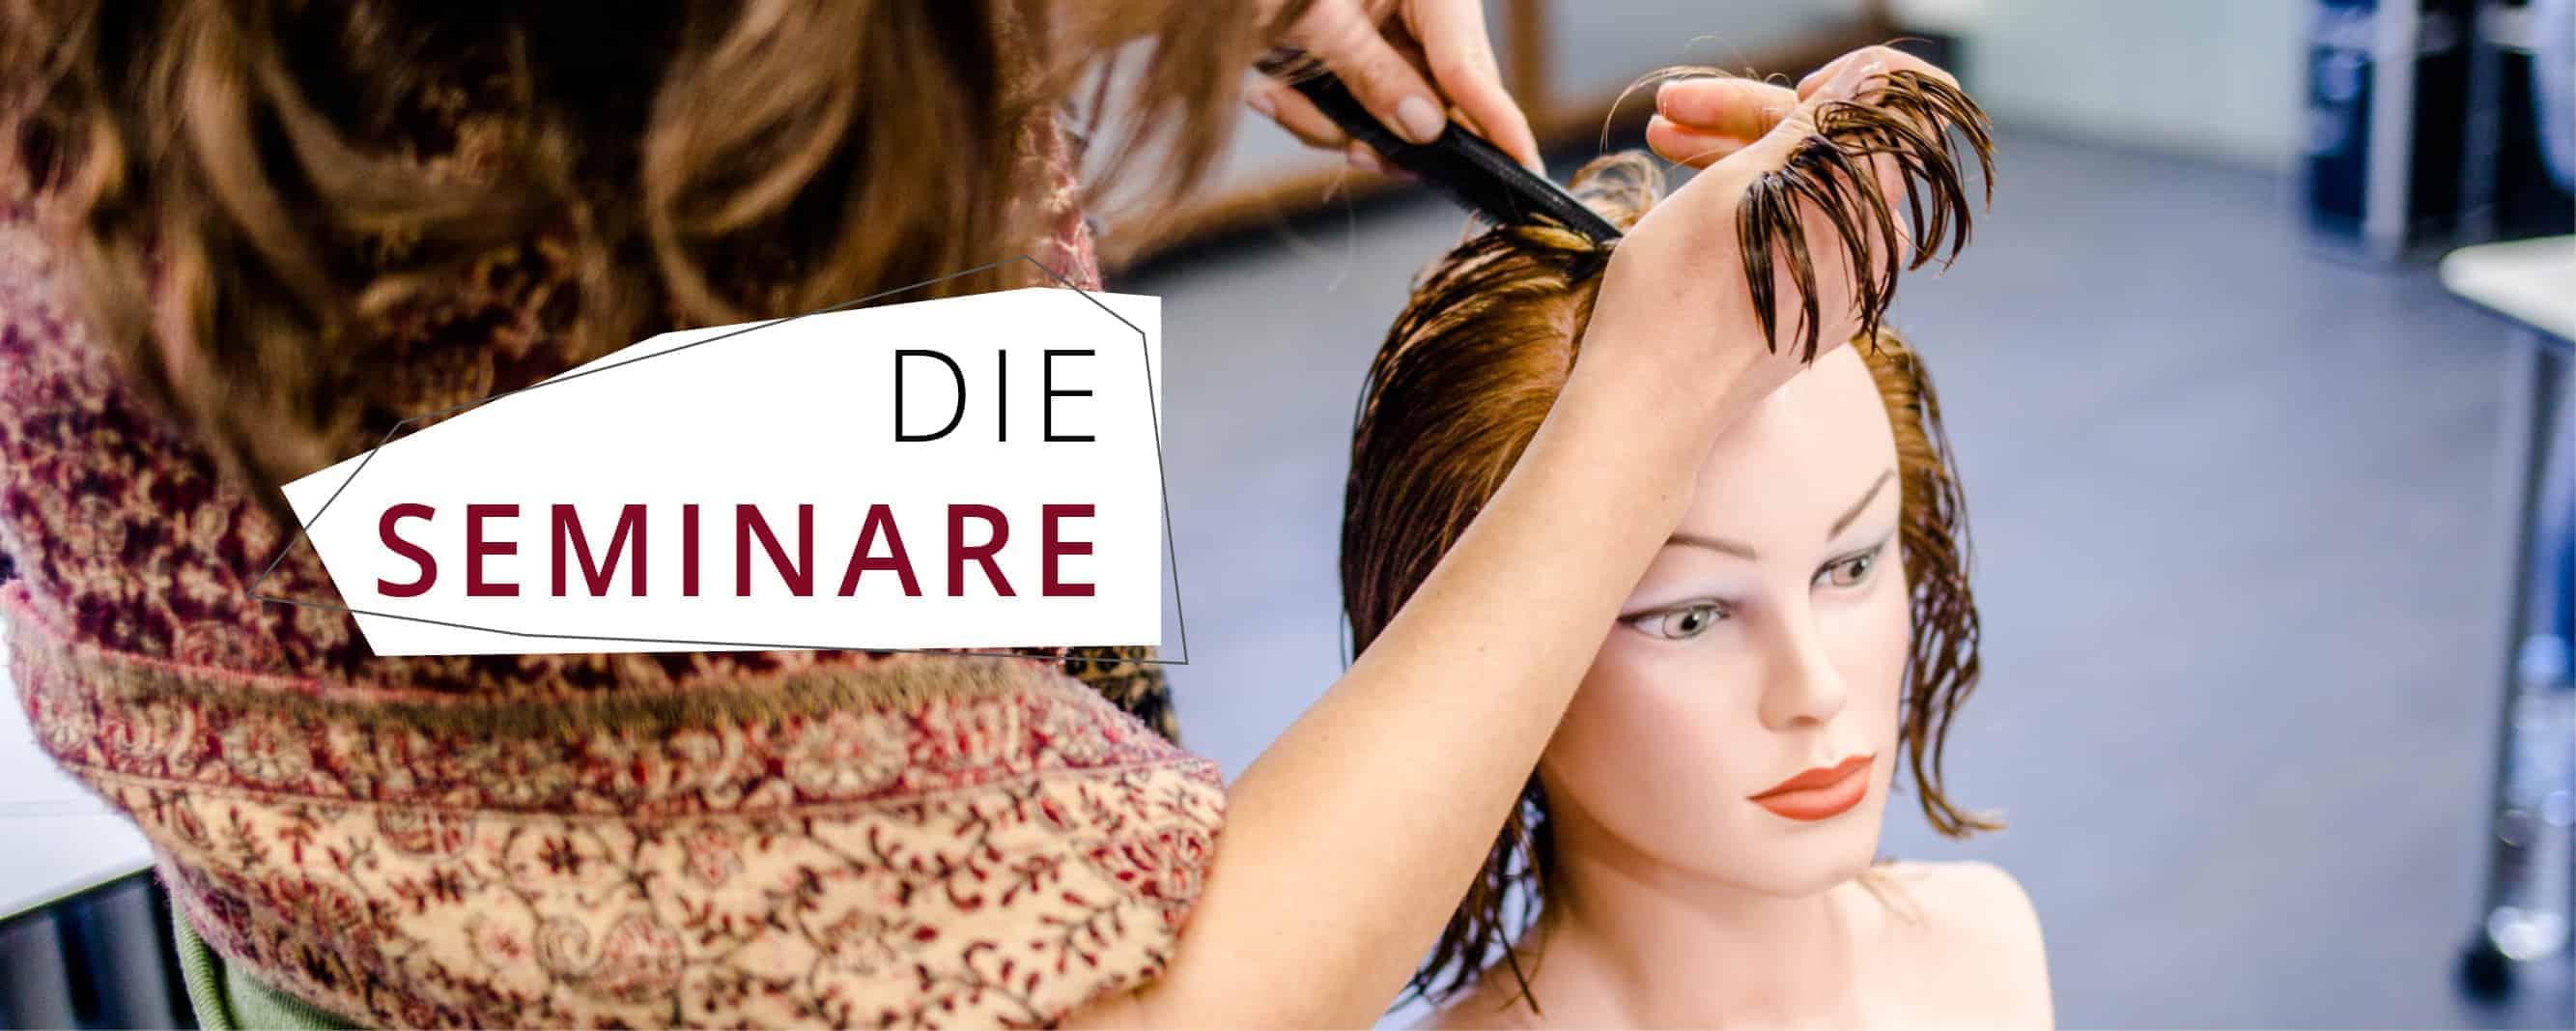 Header Seminarübersicht Friseurschule Meininghaus Forchheim